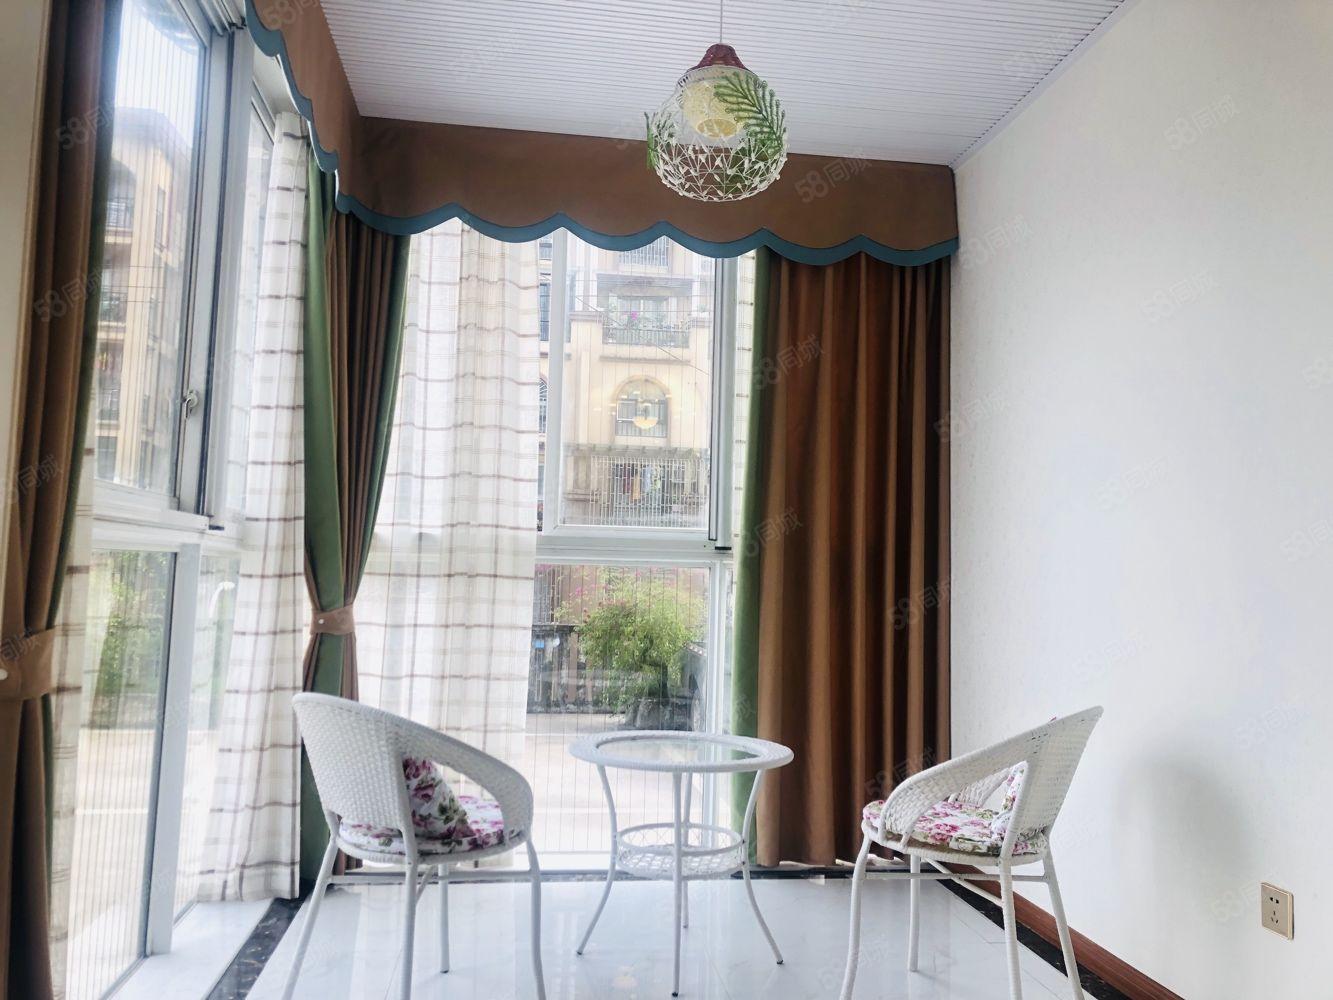 紫荆城全新精装三室两厅两卫,带落地窗阳台,巴适的板